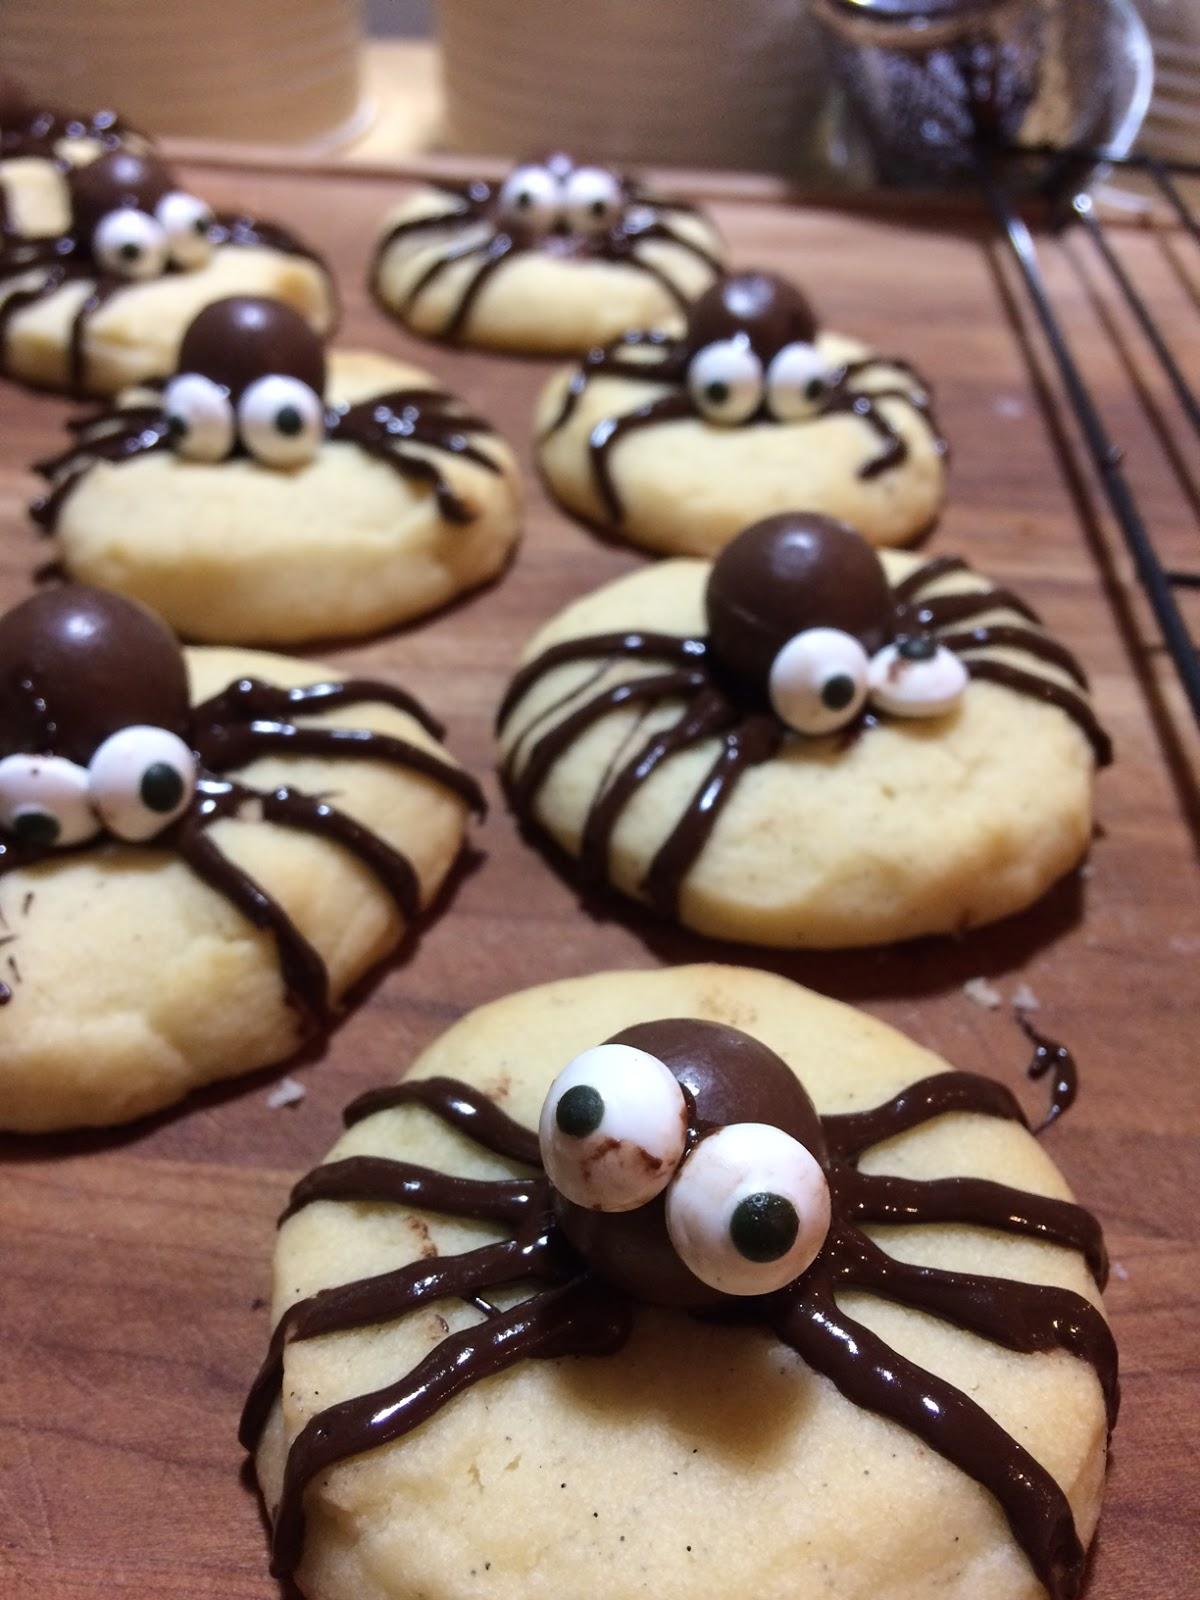 Pillsbury Dark Chocolate Premium Cake Mix Cookies Recipe